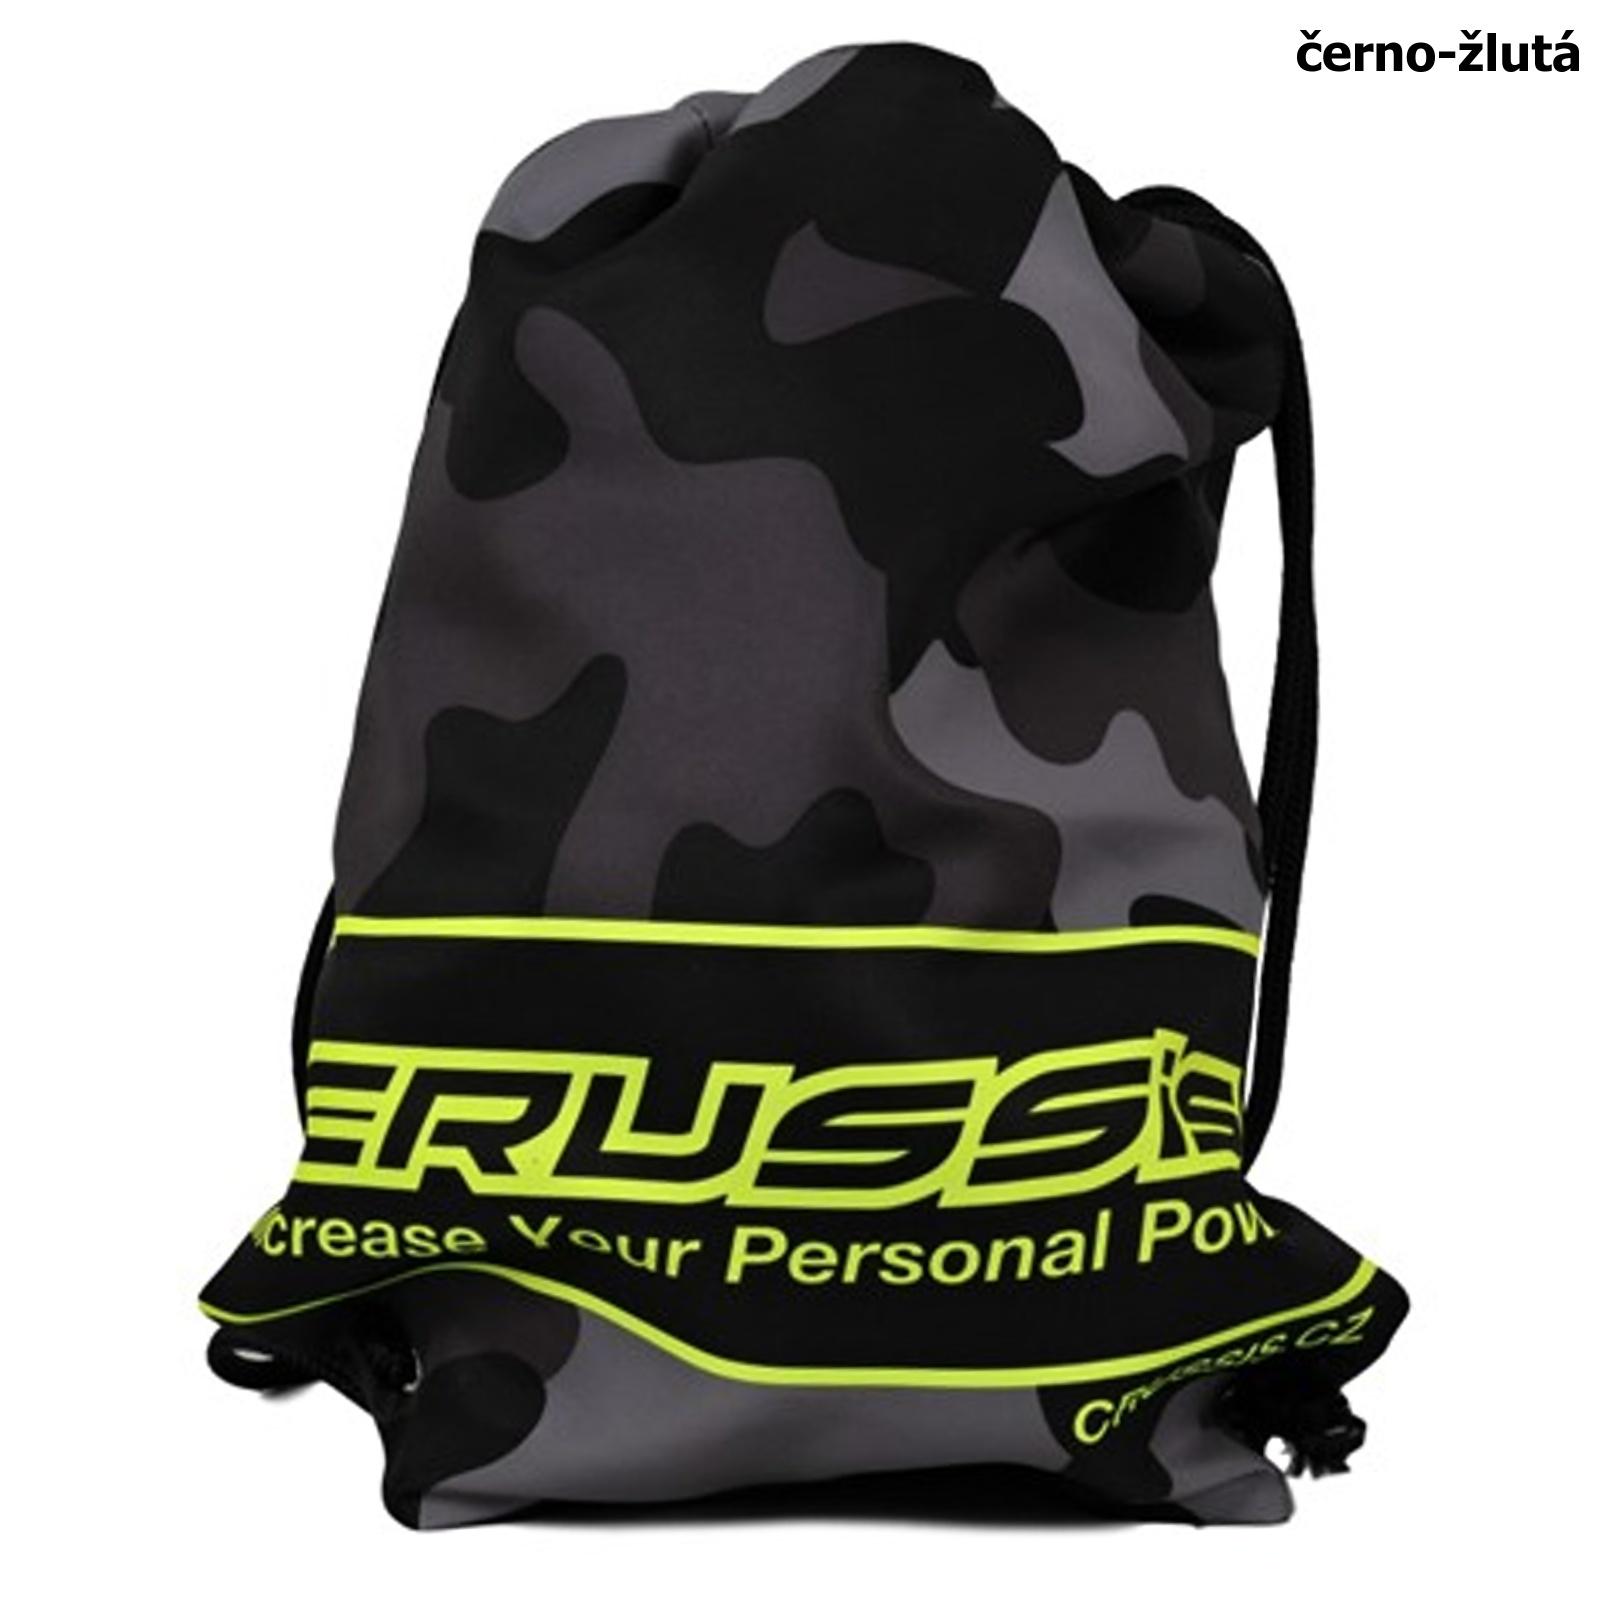 Sportovní taška CRUSSIS černo-žlutá